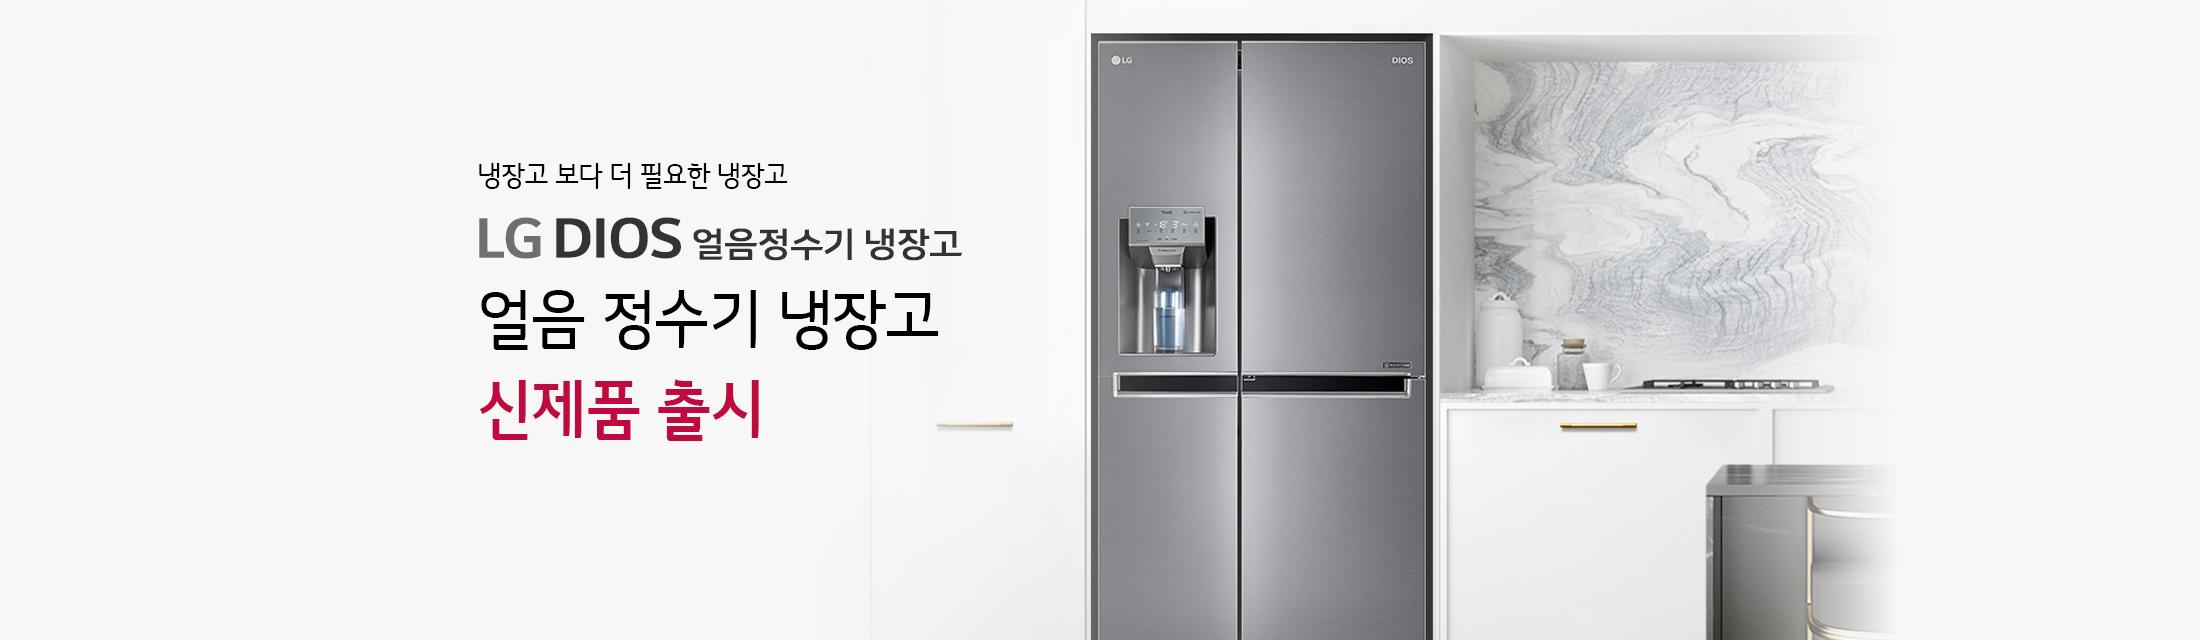 LG전자 얼음 정수기 냉장고 신제품 출시